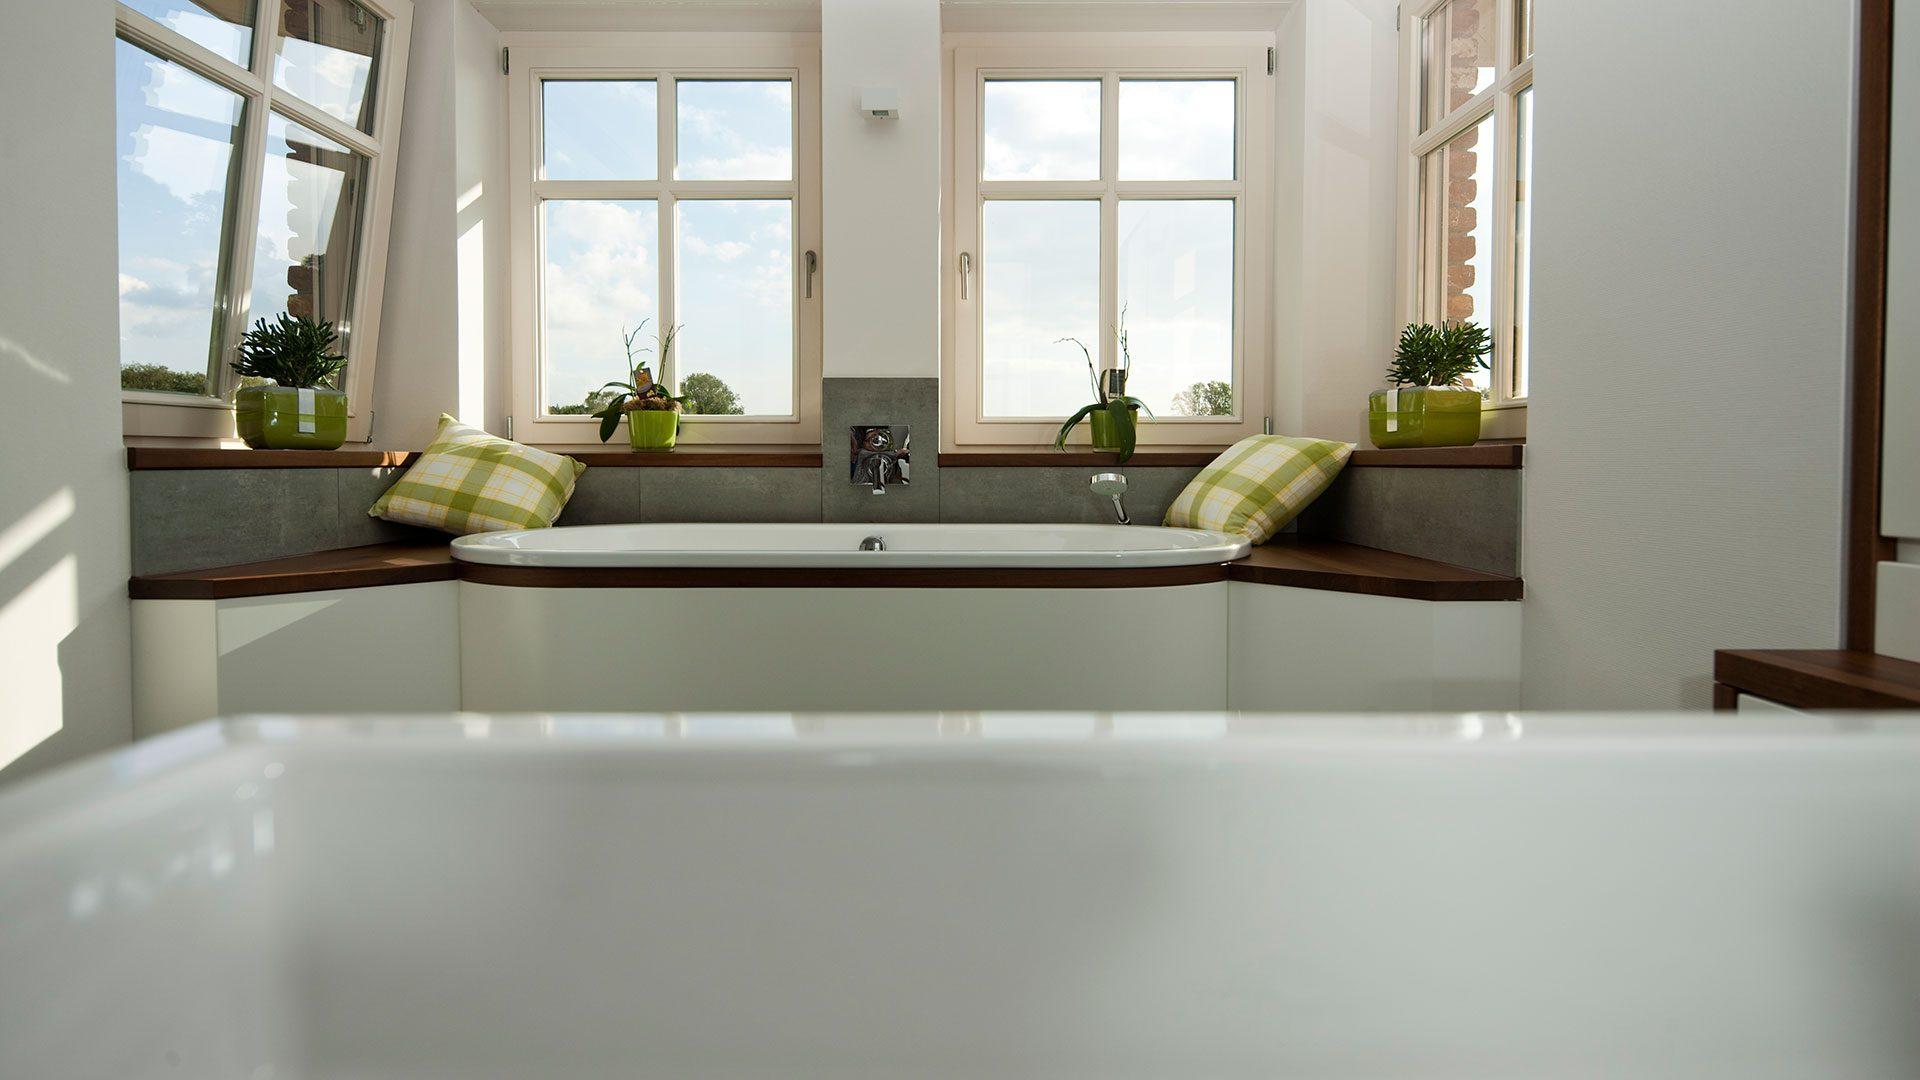 Voll integrierte Badewanne mit Ausblick